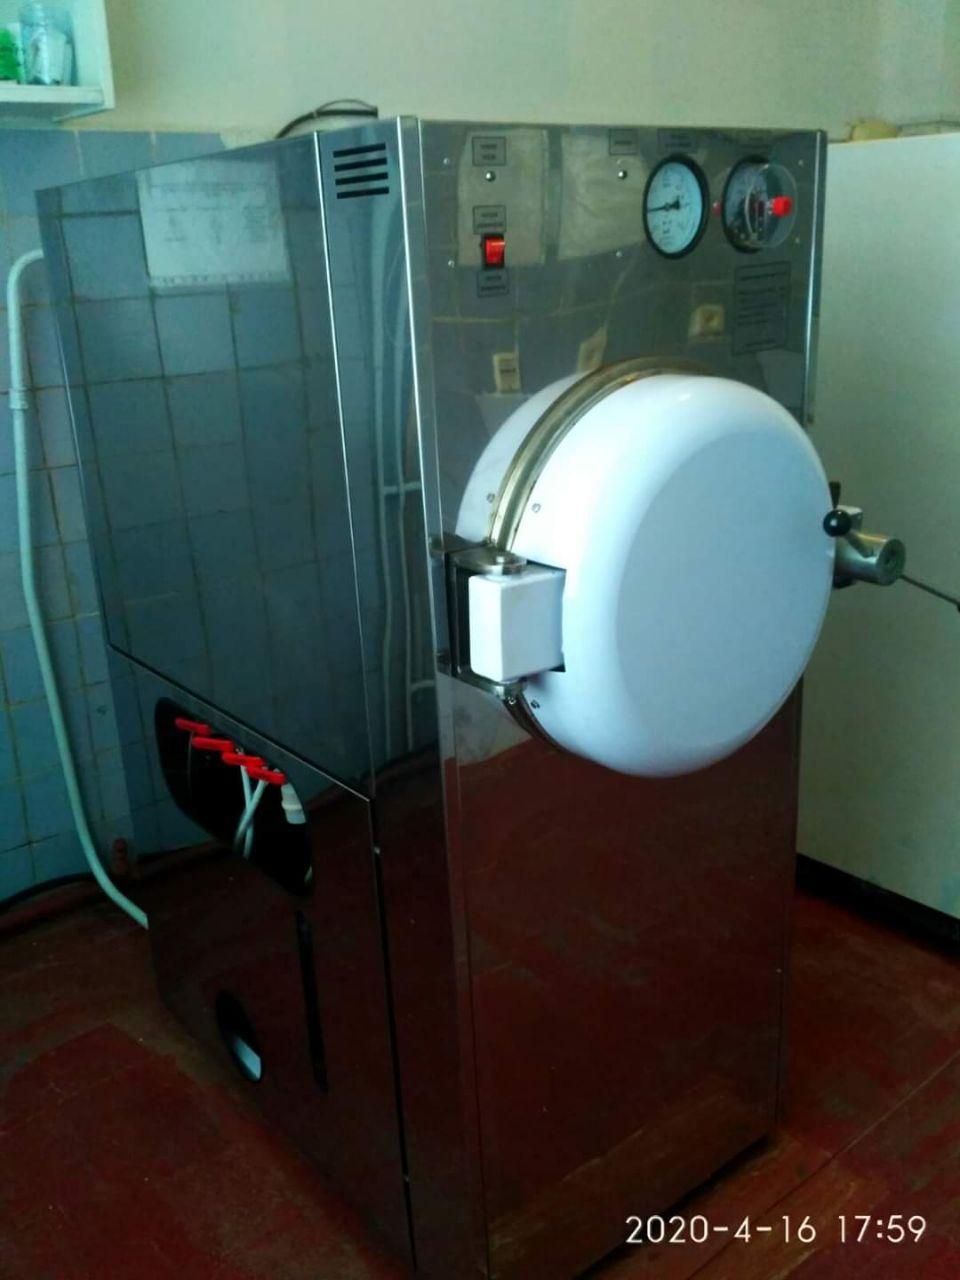 У Фастові оприлюднили телефони «гарячої лінії» відділу лабораторних досліджень - Фастів, гаряча лінія - photo 2020 04 17 16 23 06